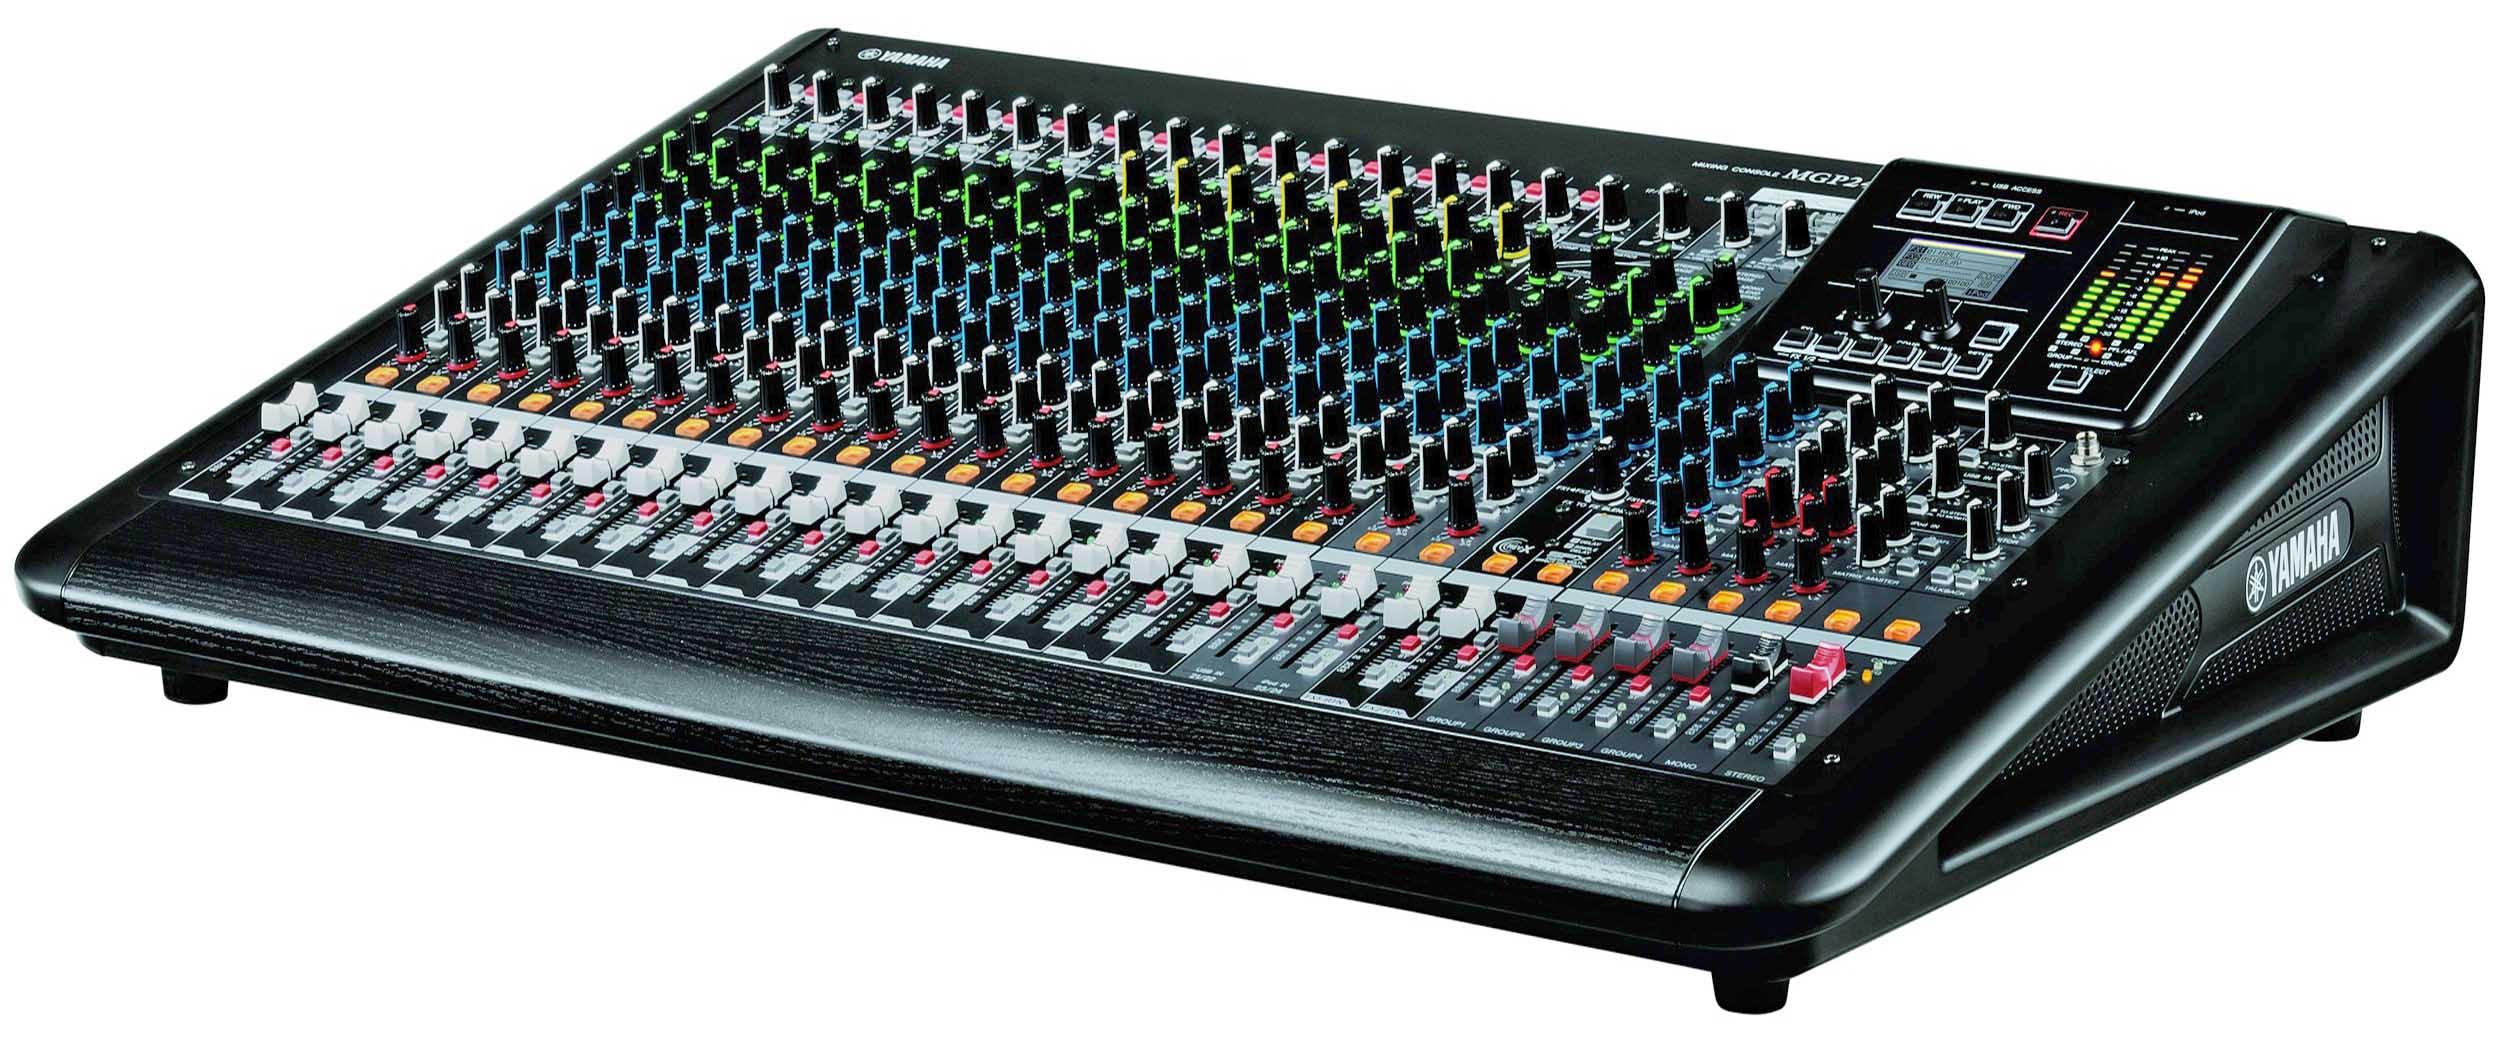 میکسر های صوتی محصول کمپانی Yamaha ( یاماها ) مدل MGP 24X